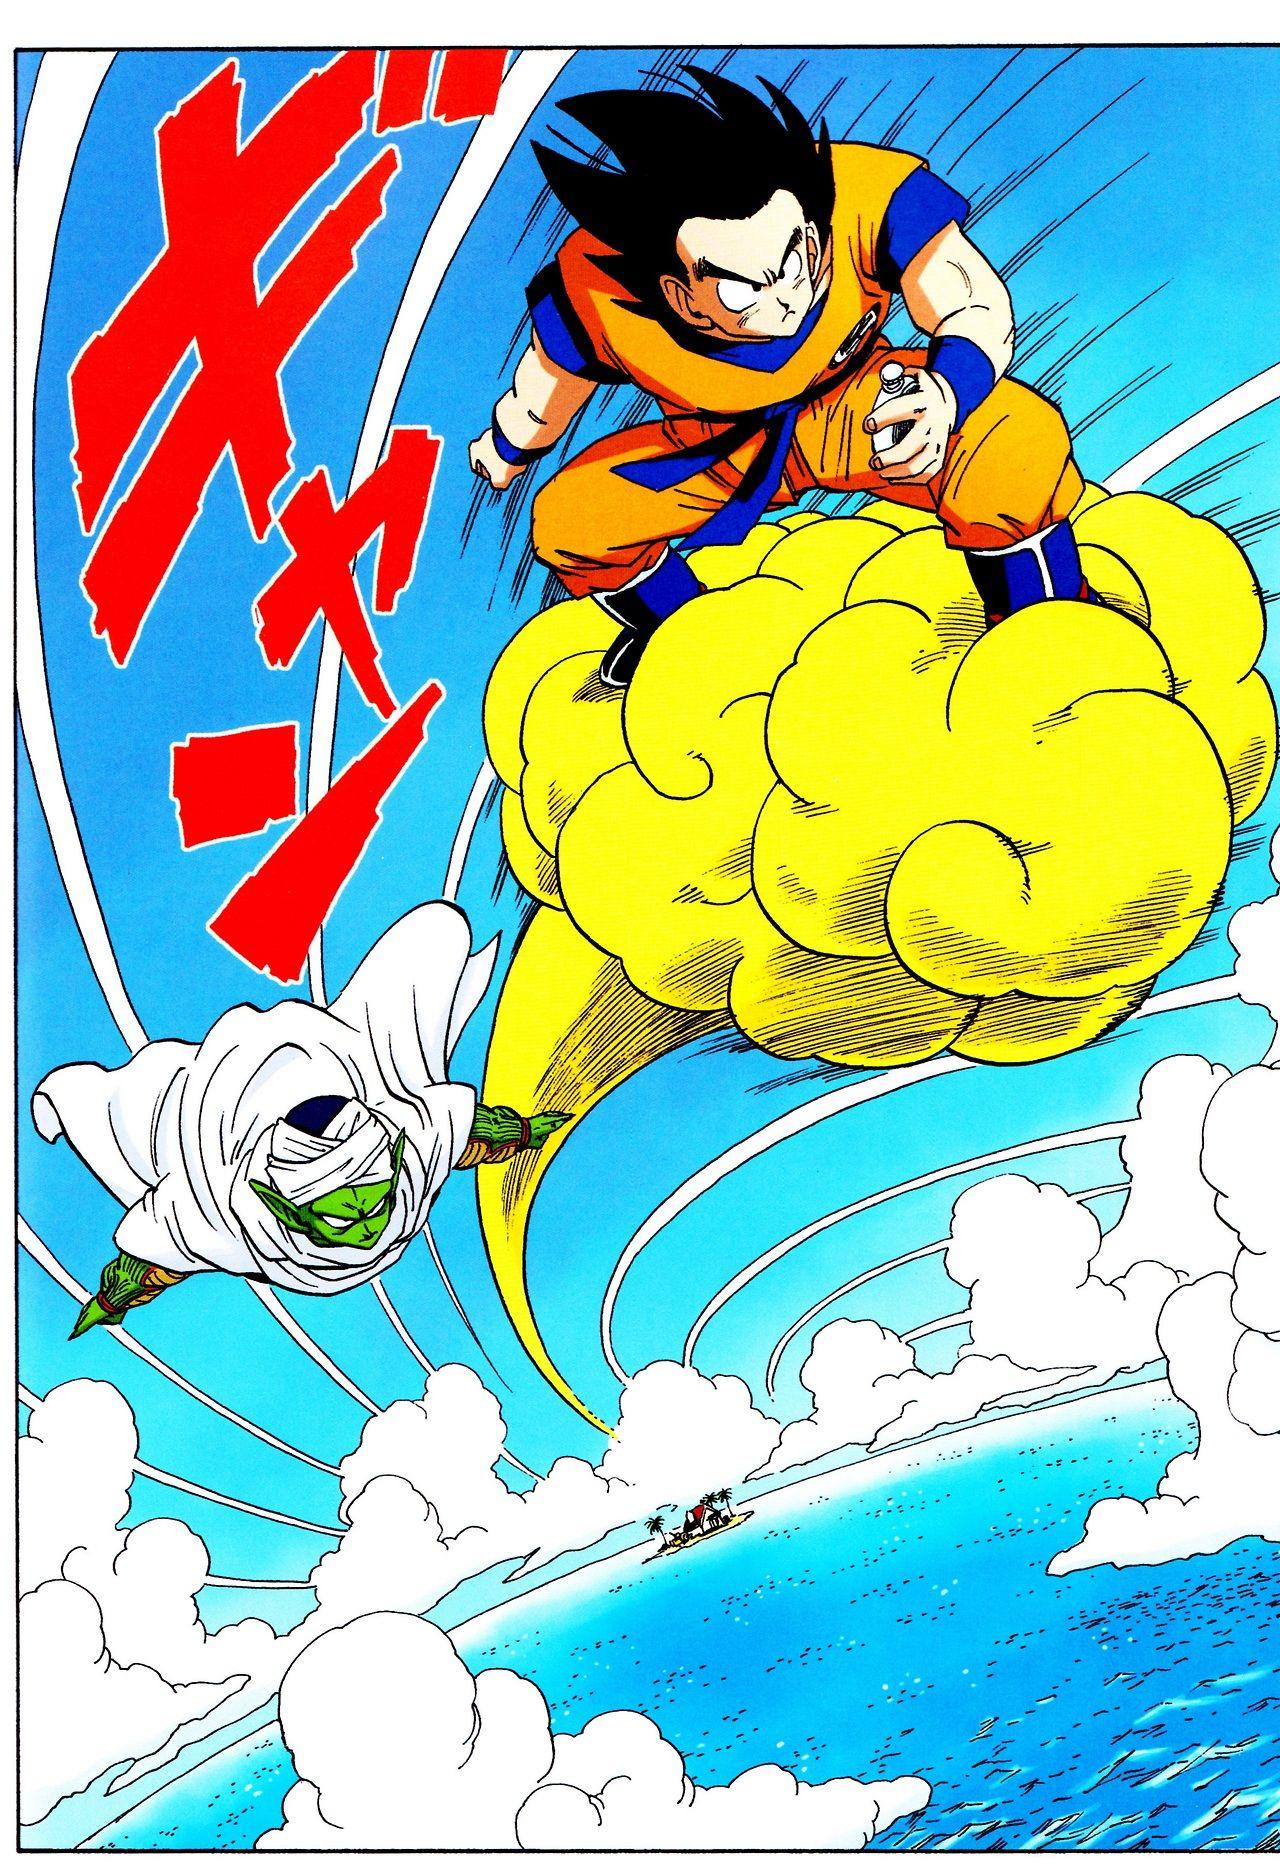 Goku & Piccolo (from Dragon Ball Z) by Akira Toriyama #DBZ